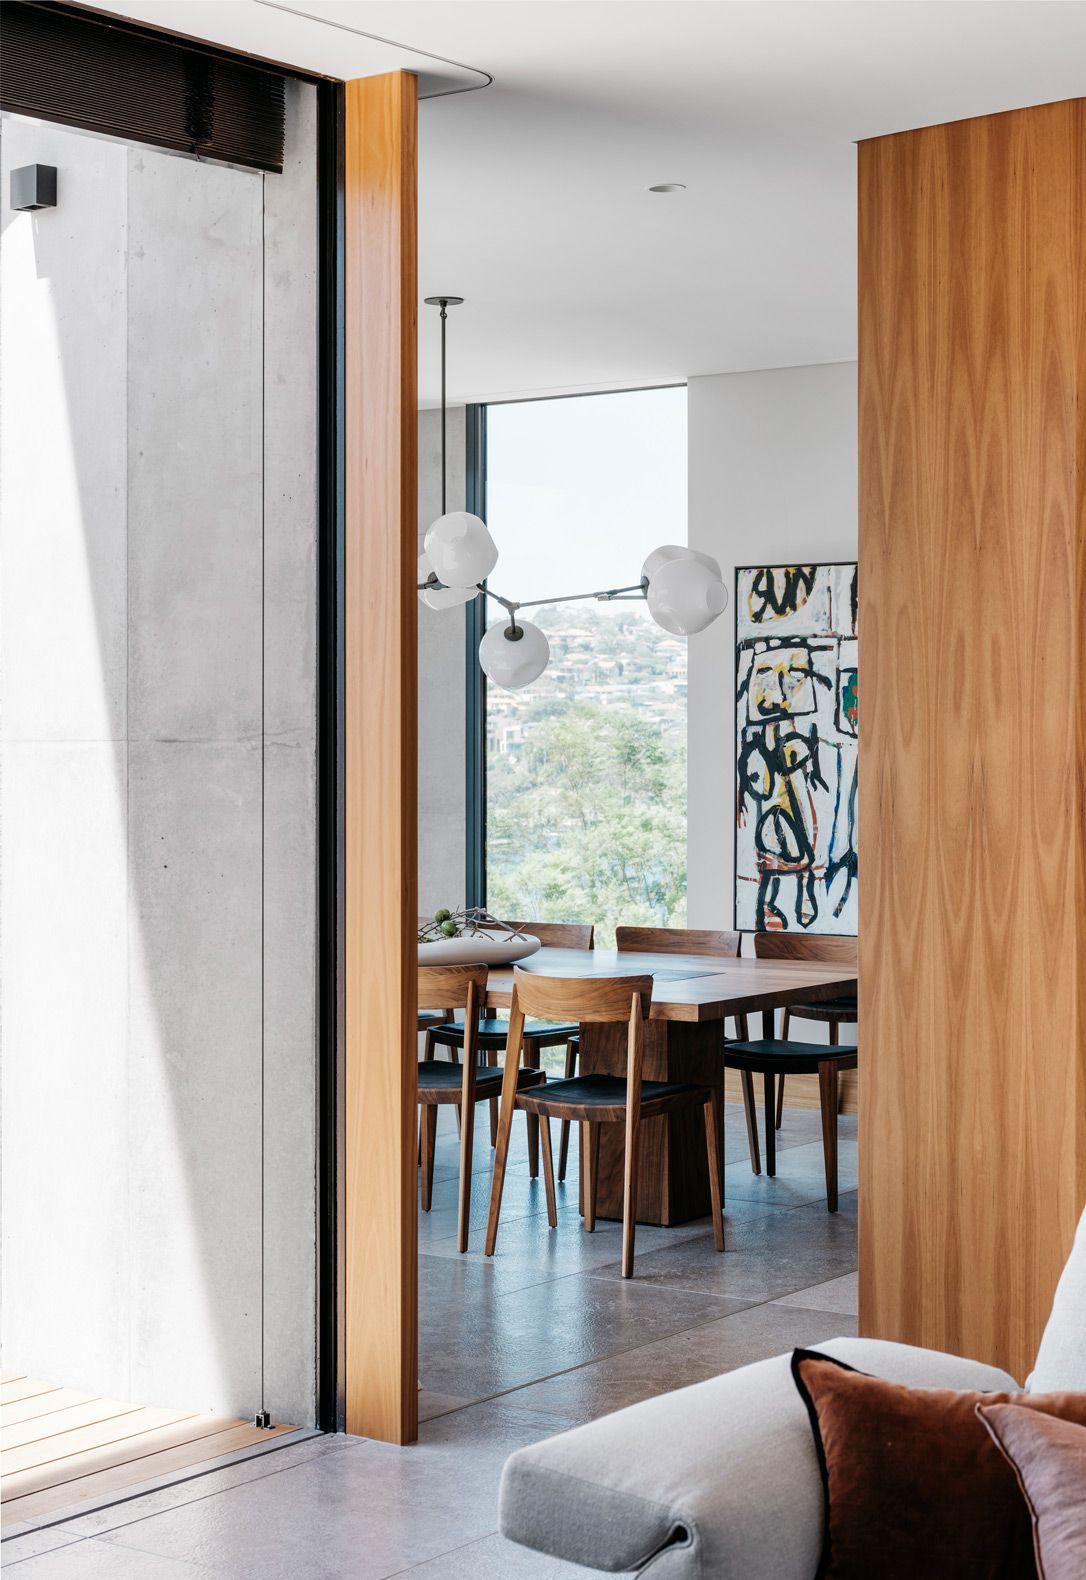 Home design exterieur und interieur slipway house  arent u pyke  intérieur et extérieur  pinterest